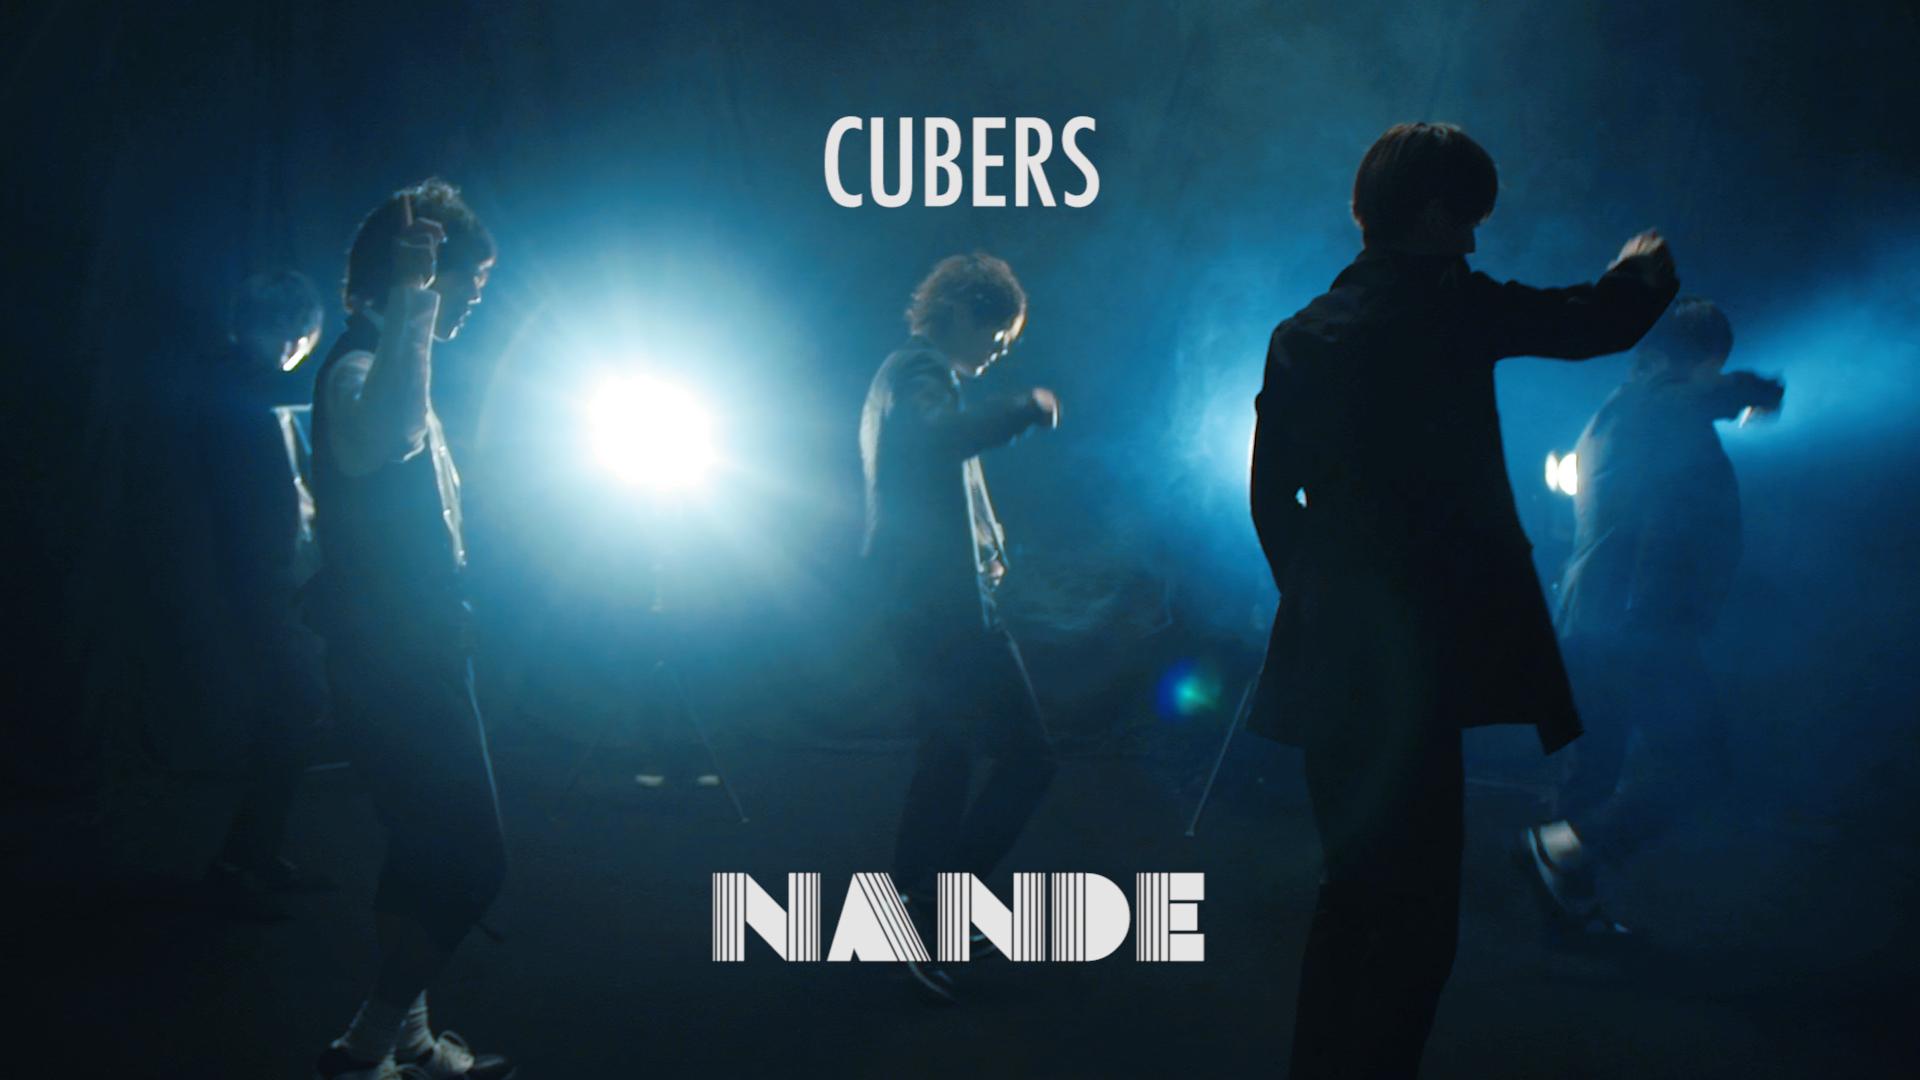 ☆★新曲「NANDE」ミュージックビデオが公開☆★